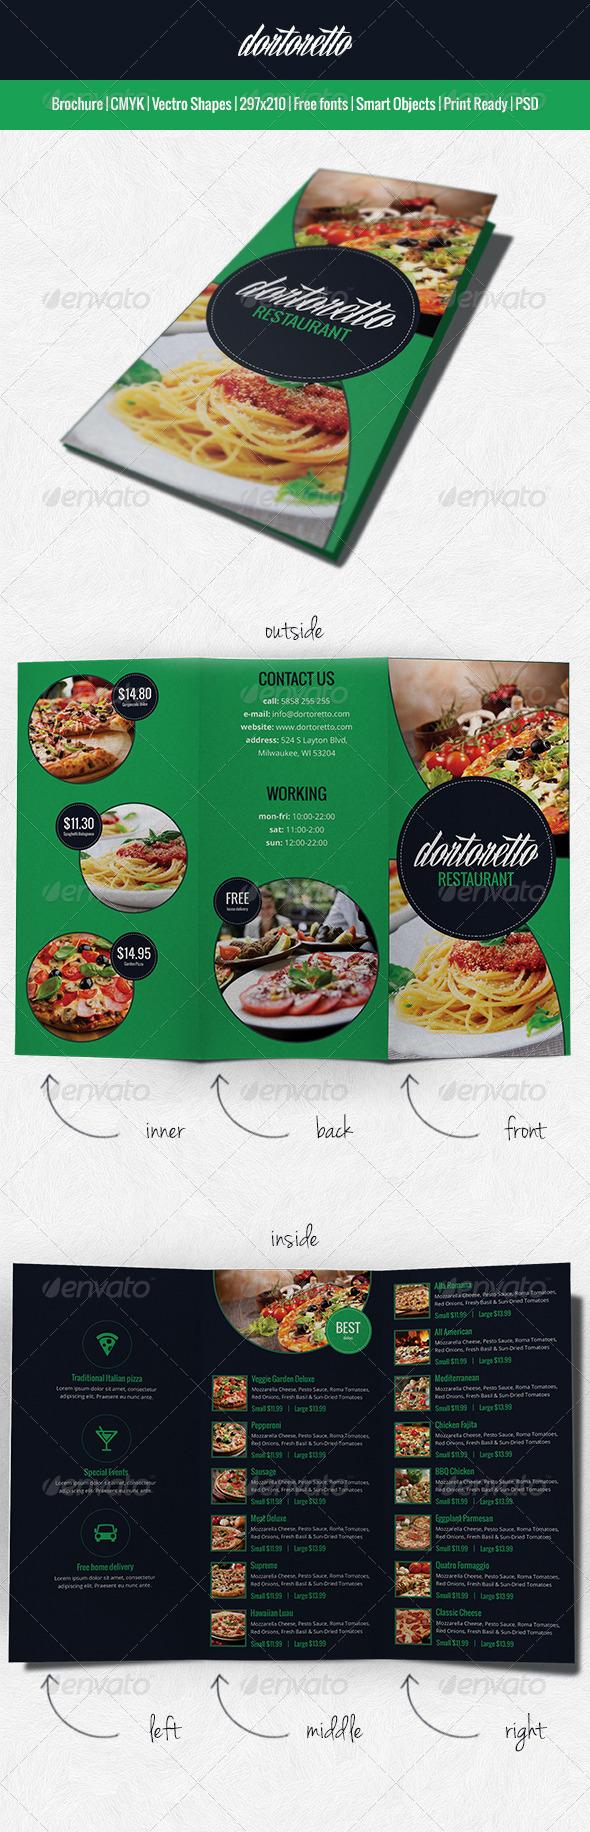 GraphicRiver Dortoretto Brochure restaurant 6318136